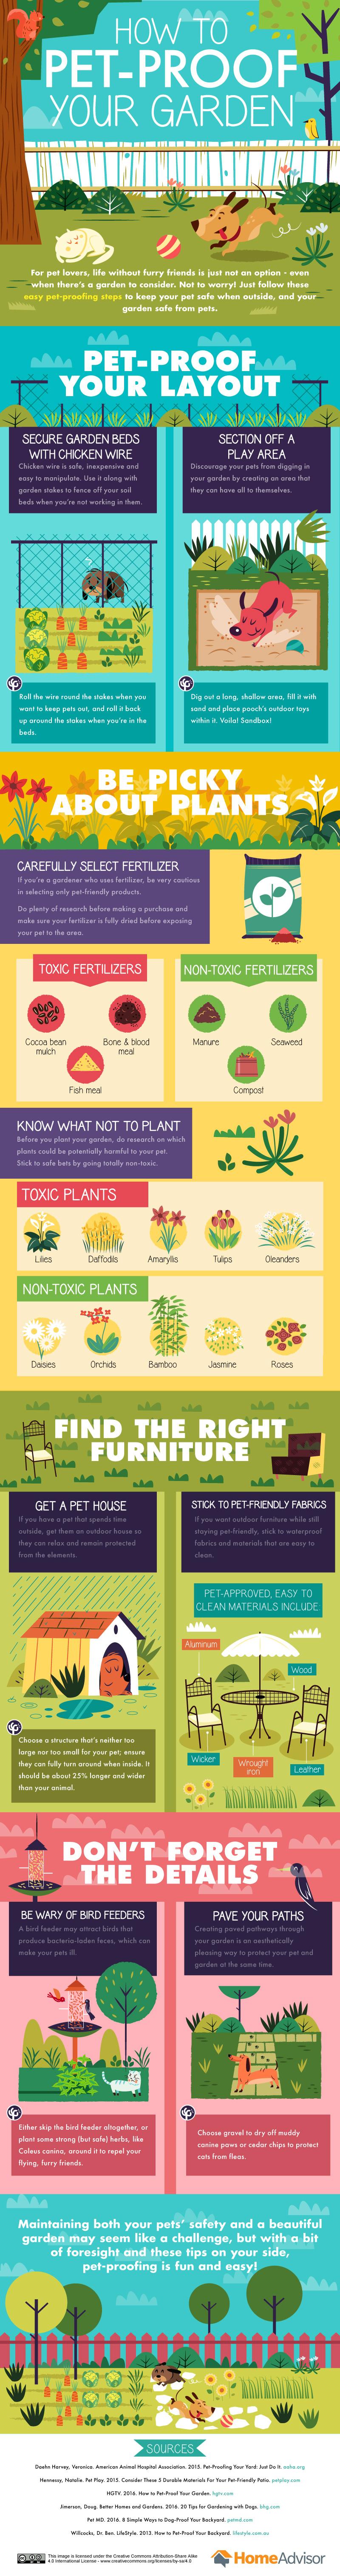 How to Pet Proof Your Garden